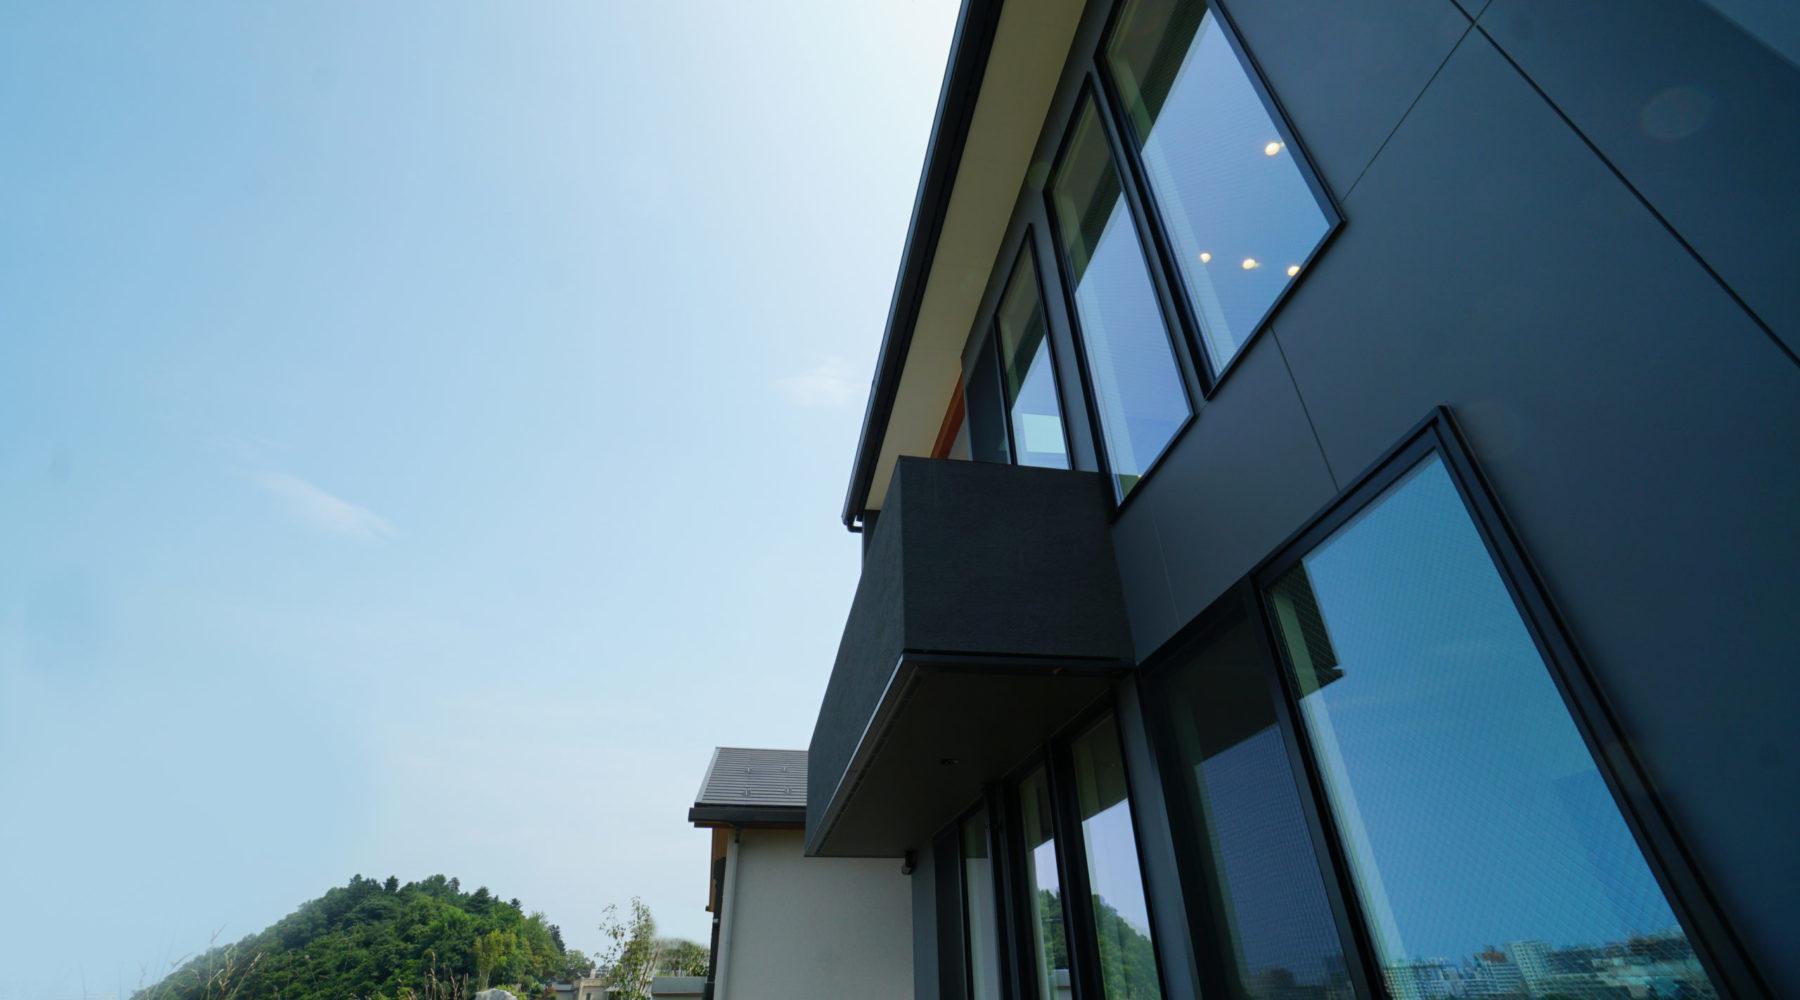 株式会社 建舎団居 STUDIO MADOI 完成見学会開催のお知らせ 向山の家 2020/8/23(日)